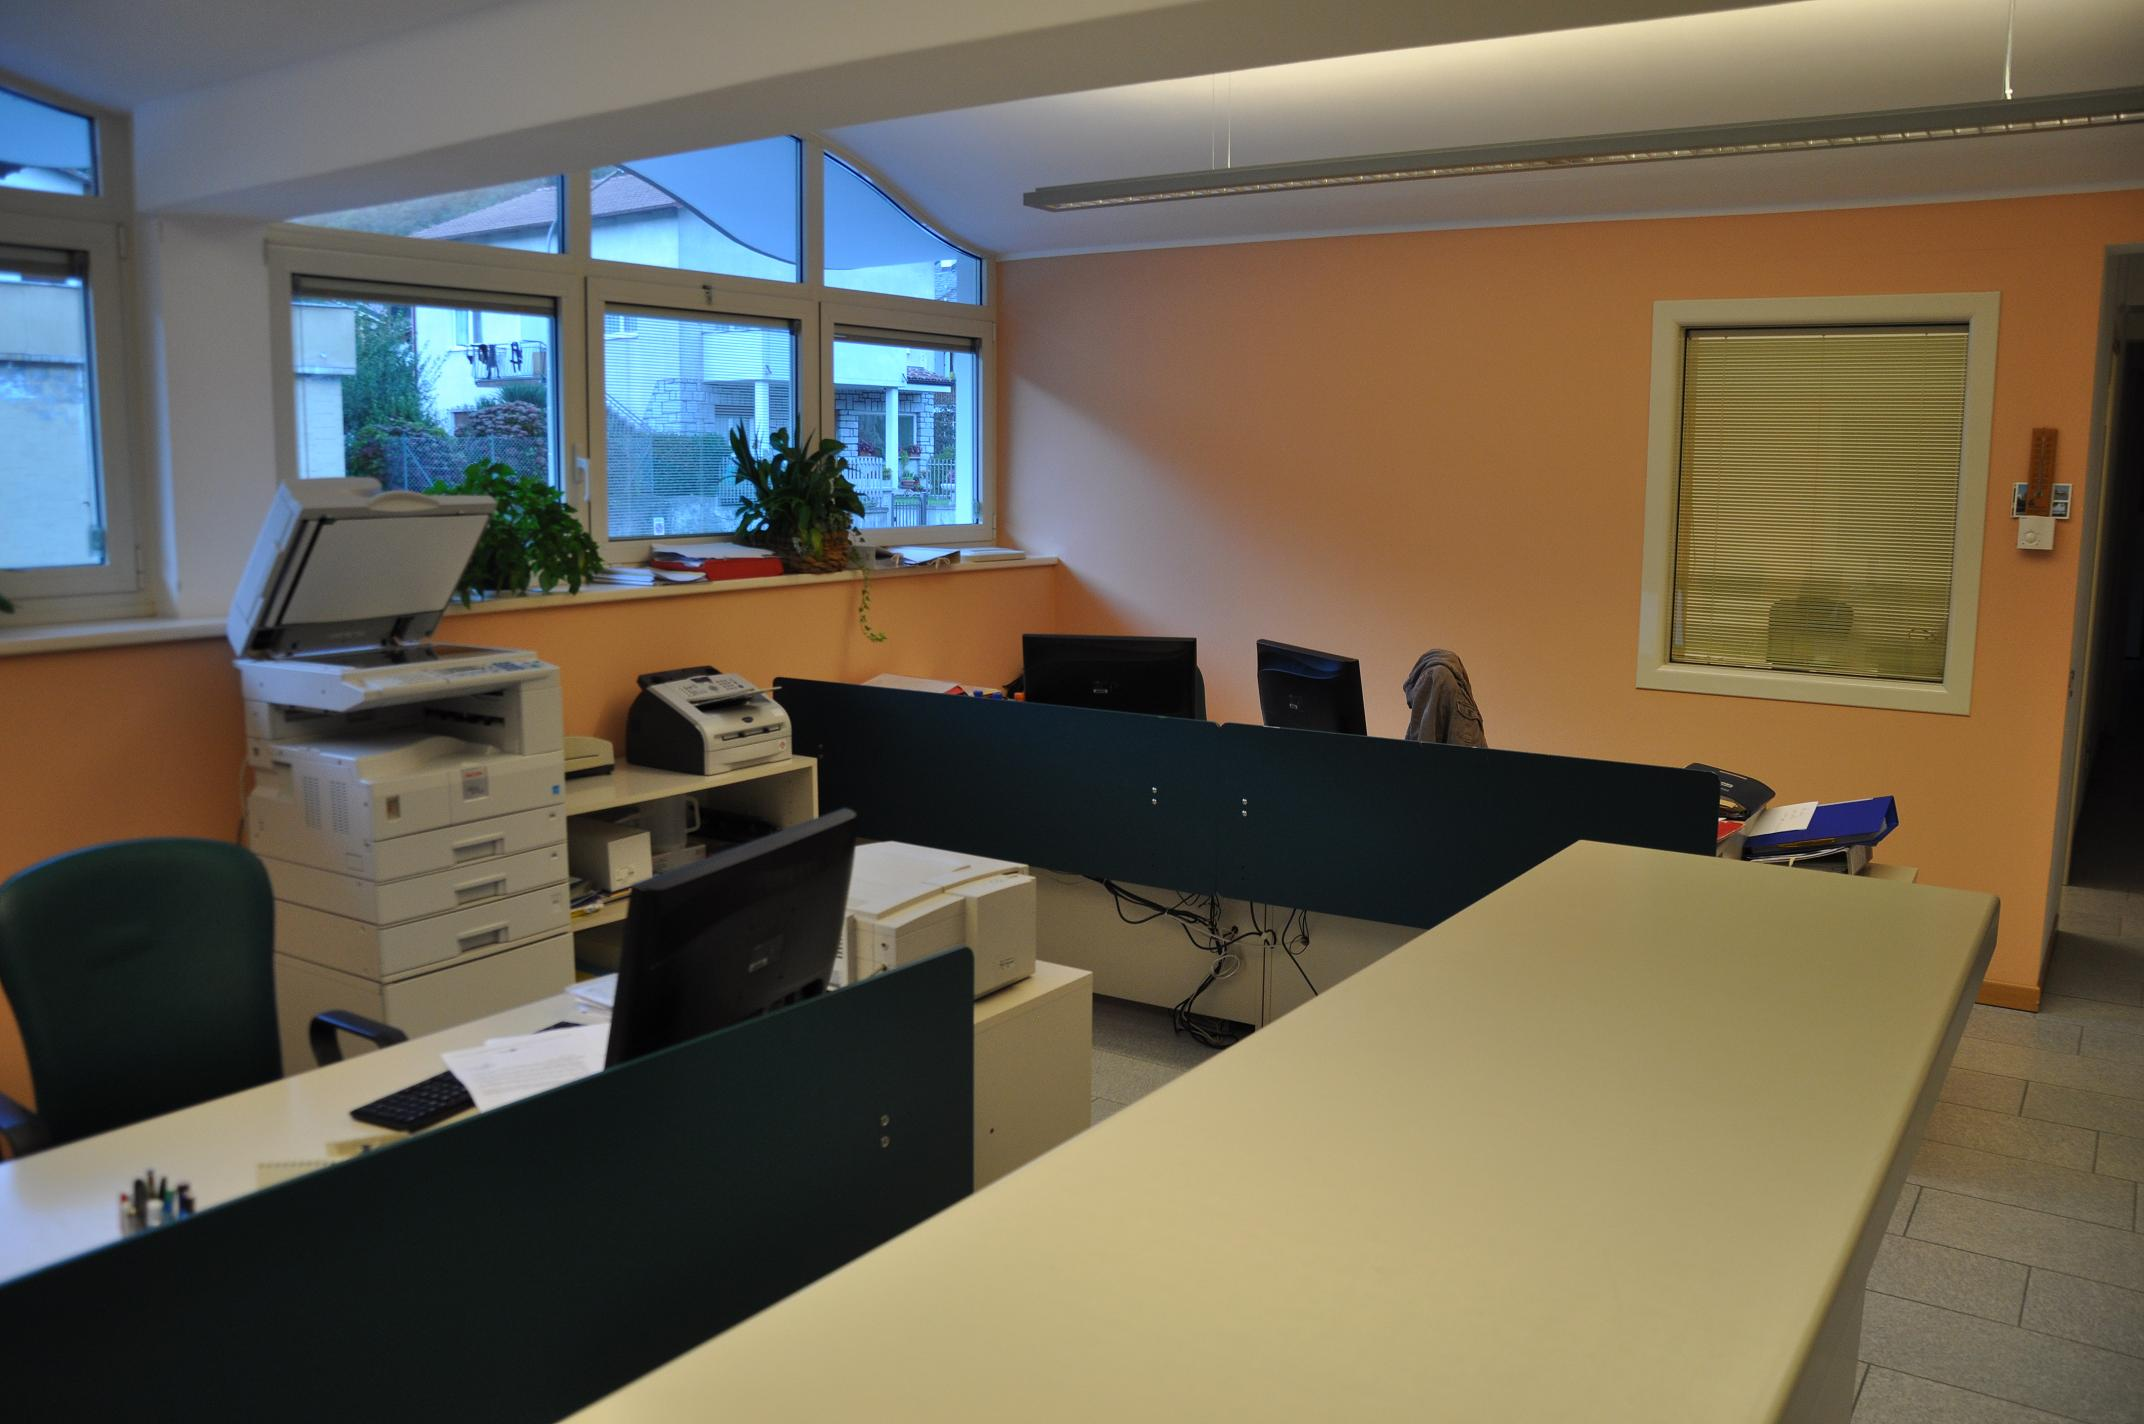 Ufficio Casa Orari : Orario uffici casa di riposo chiavenna